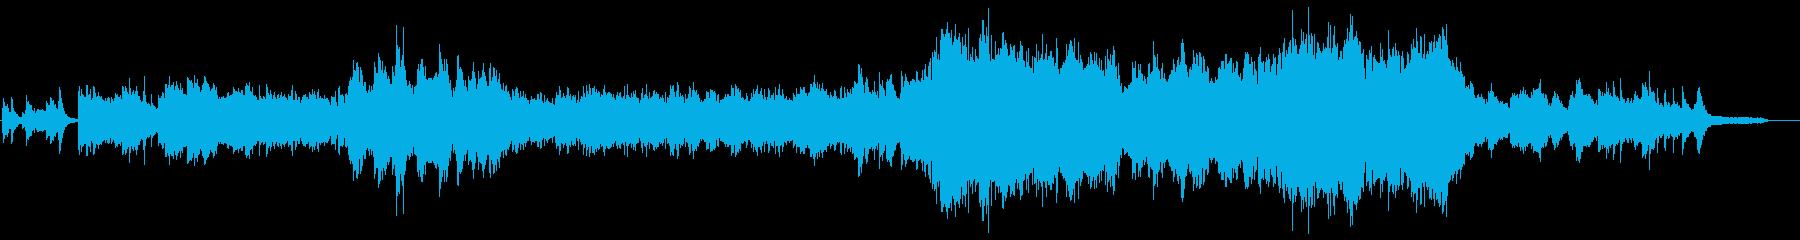 二胡がメインの壮大で感動的なBGMの再生済みの波形